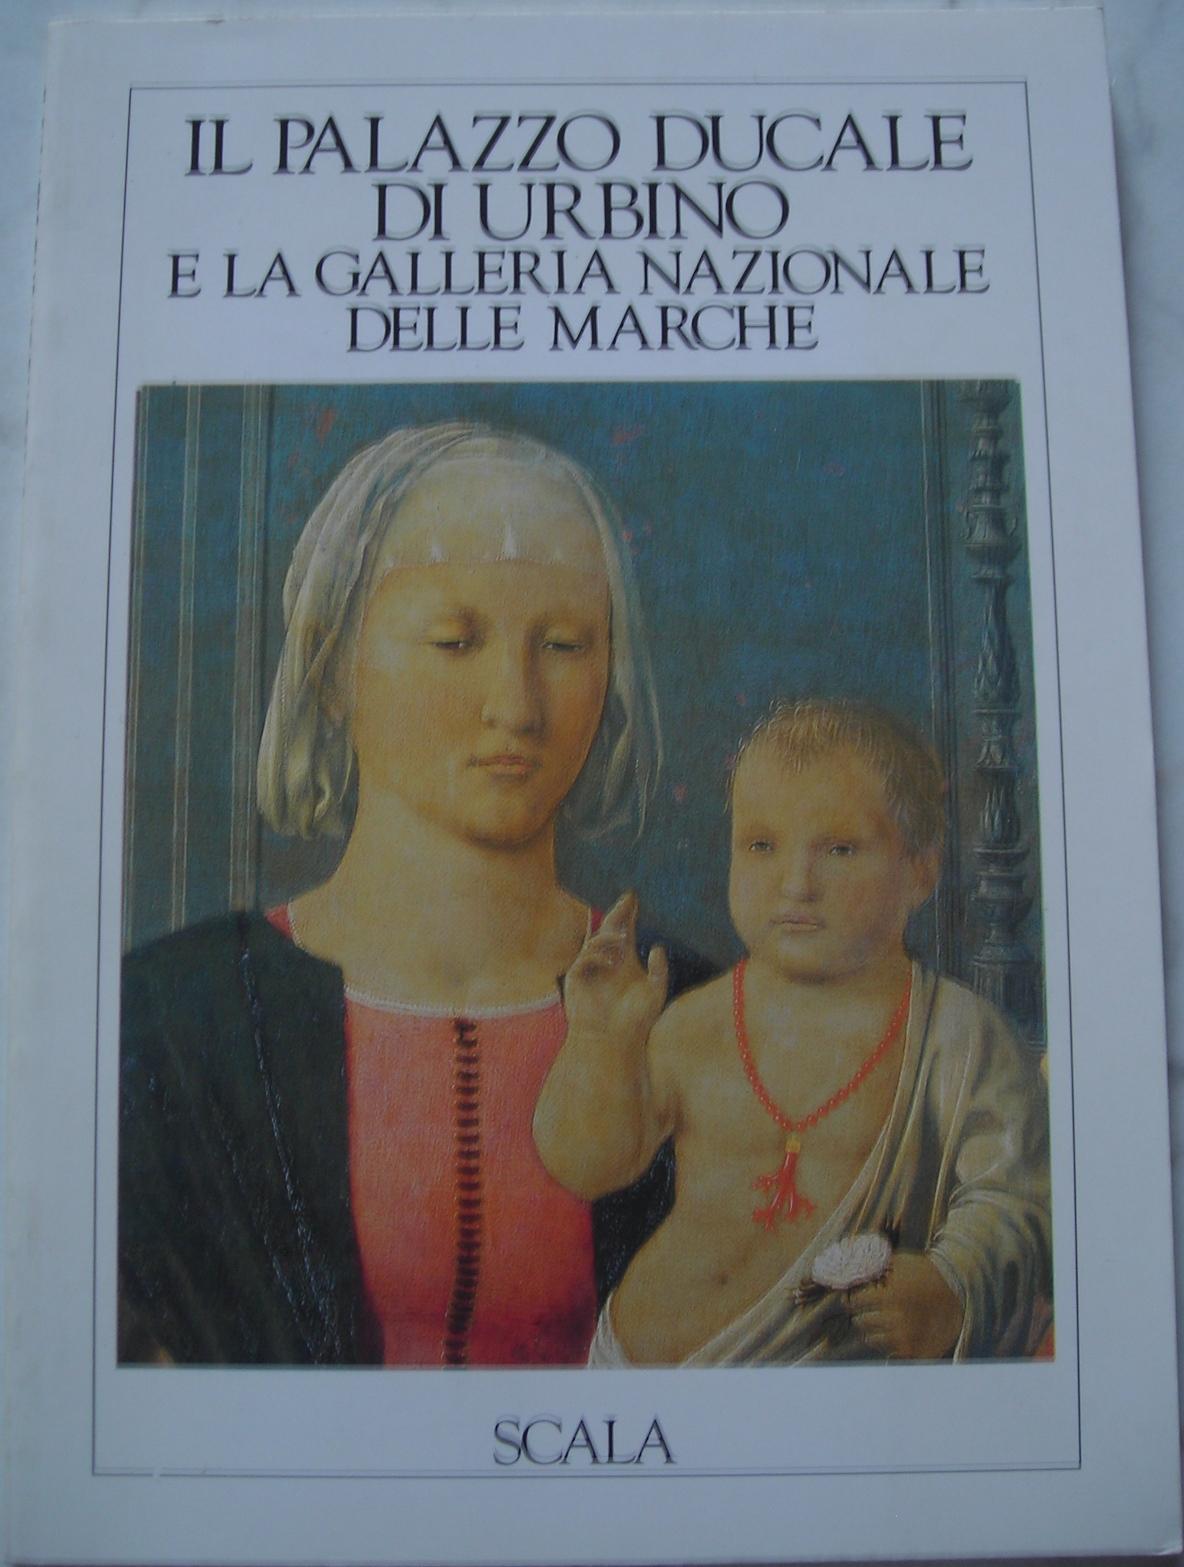 Il Palazzo ducale di Urbino e la Galleria Nazionale delle Marche